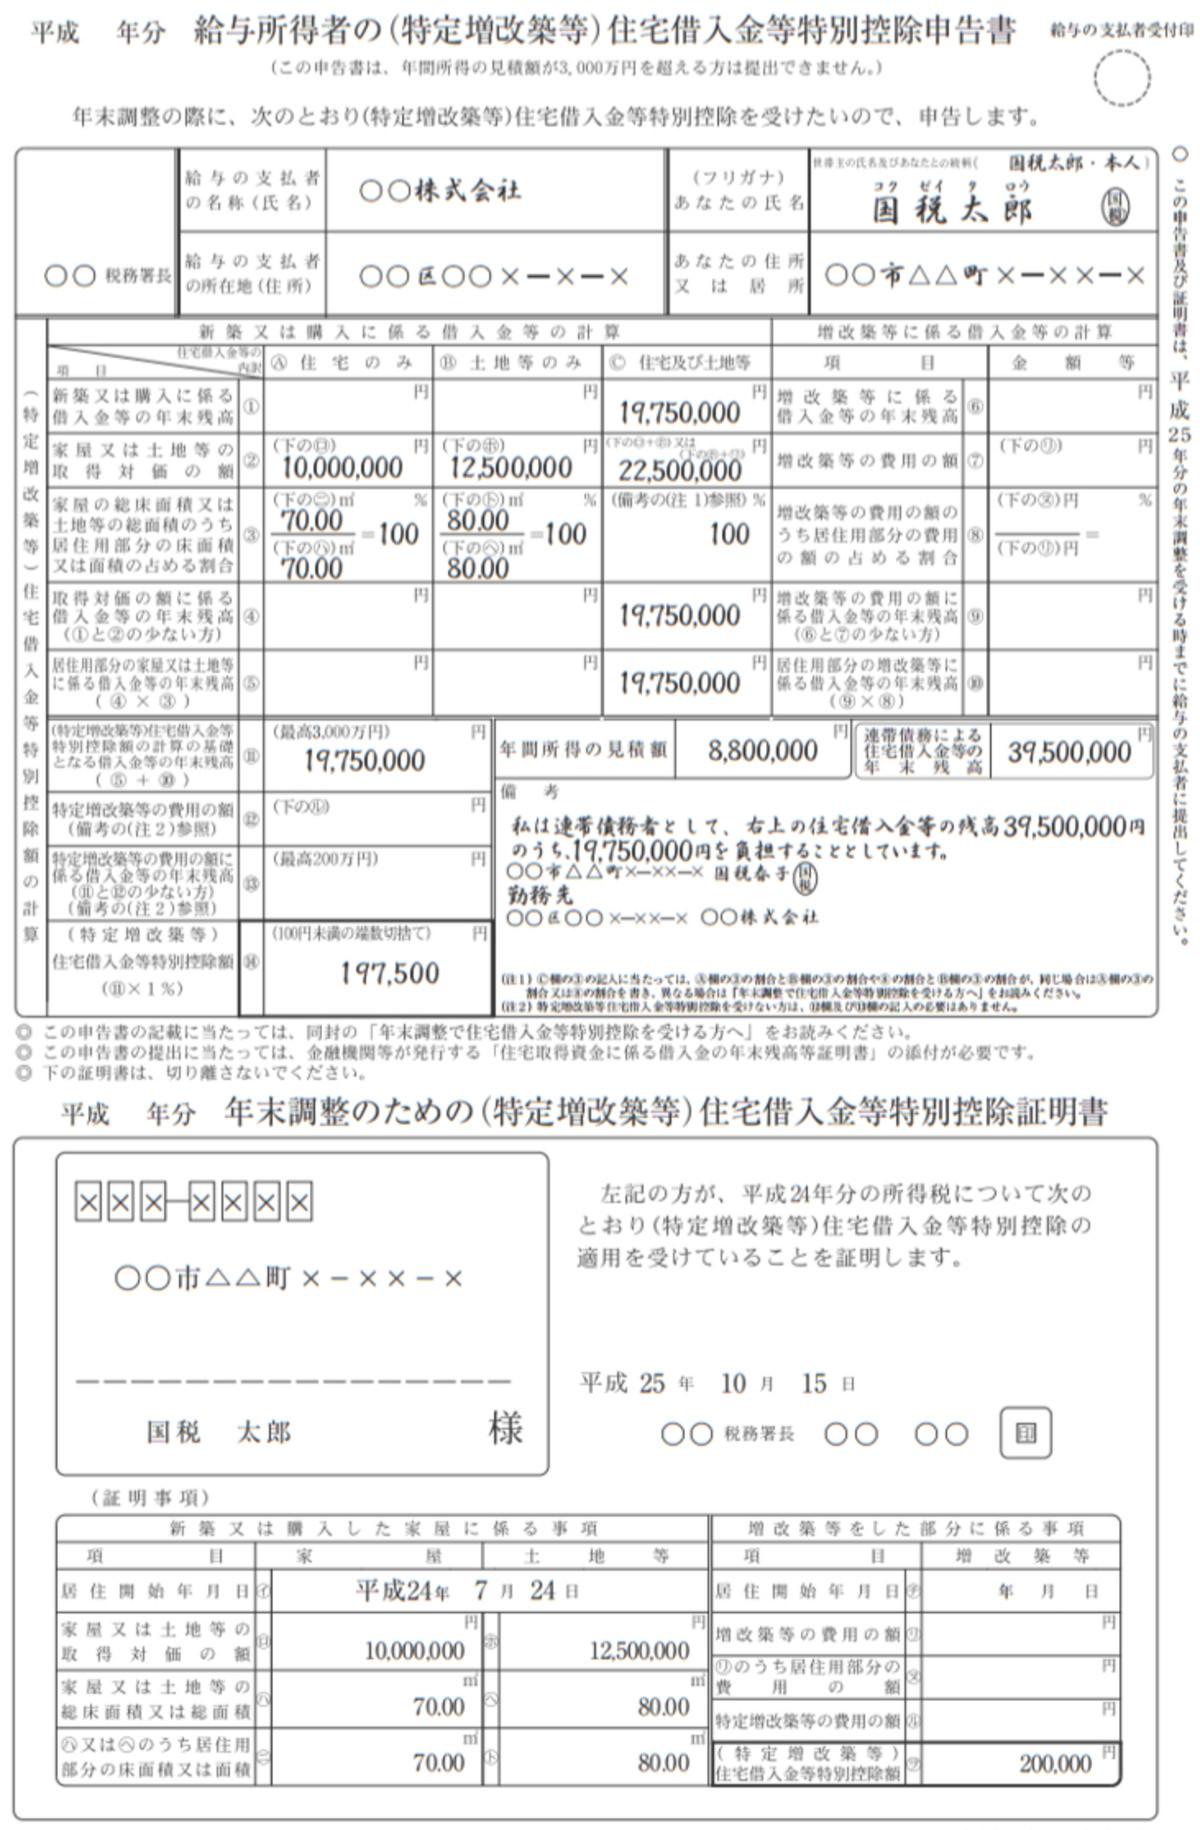 住宅借入金等特別控除申告書イメージ(編集部にて作成)